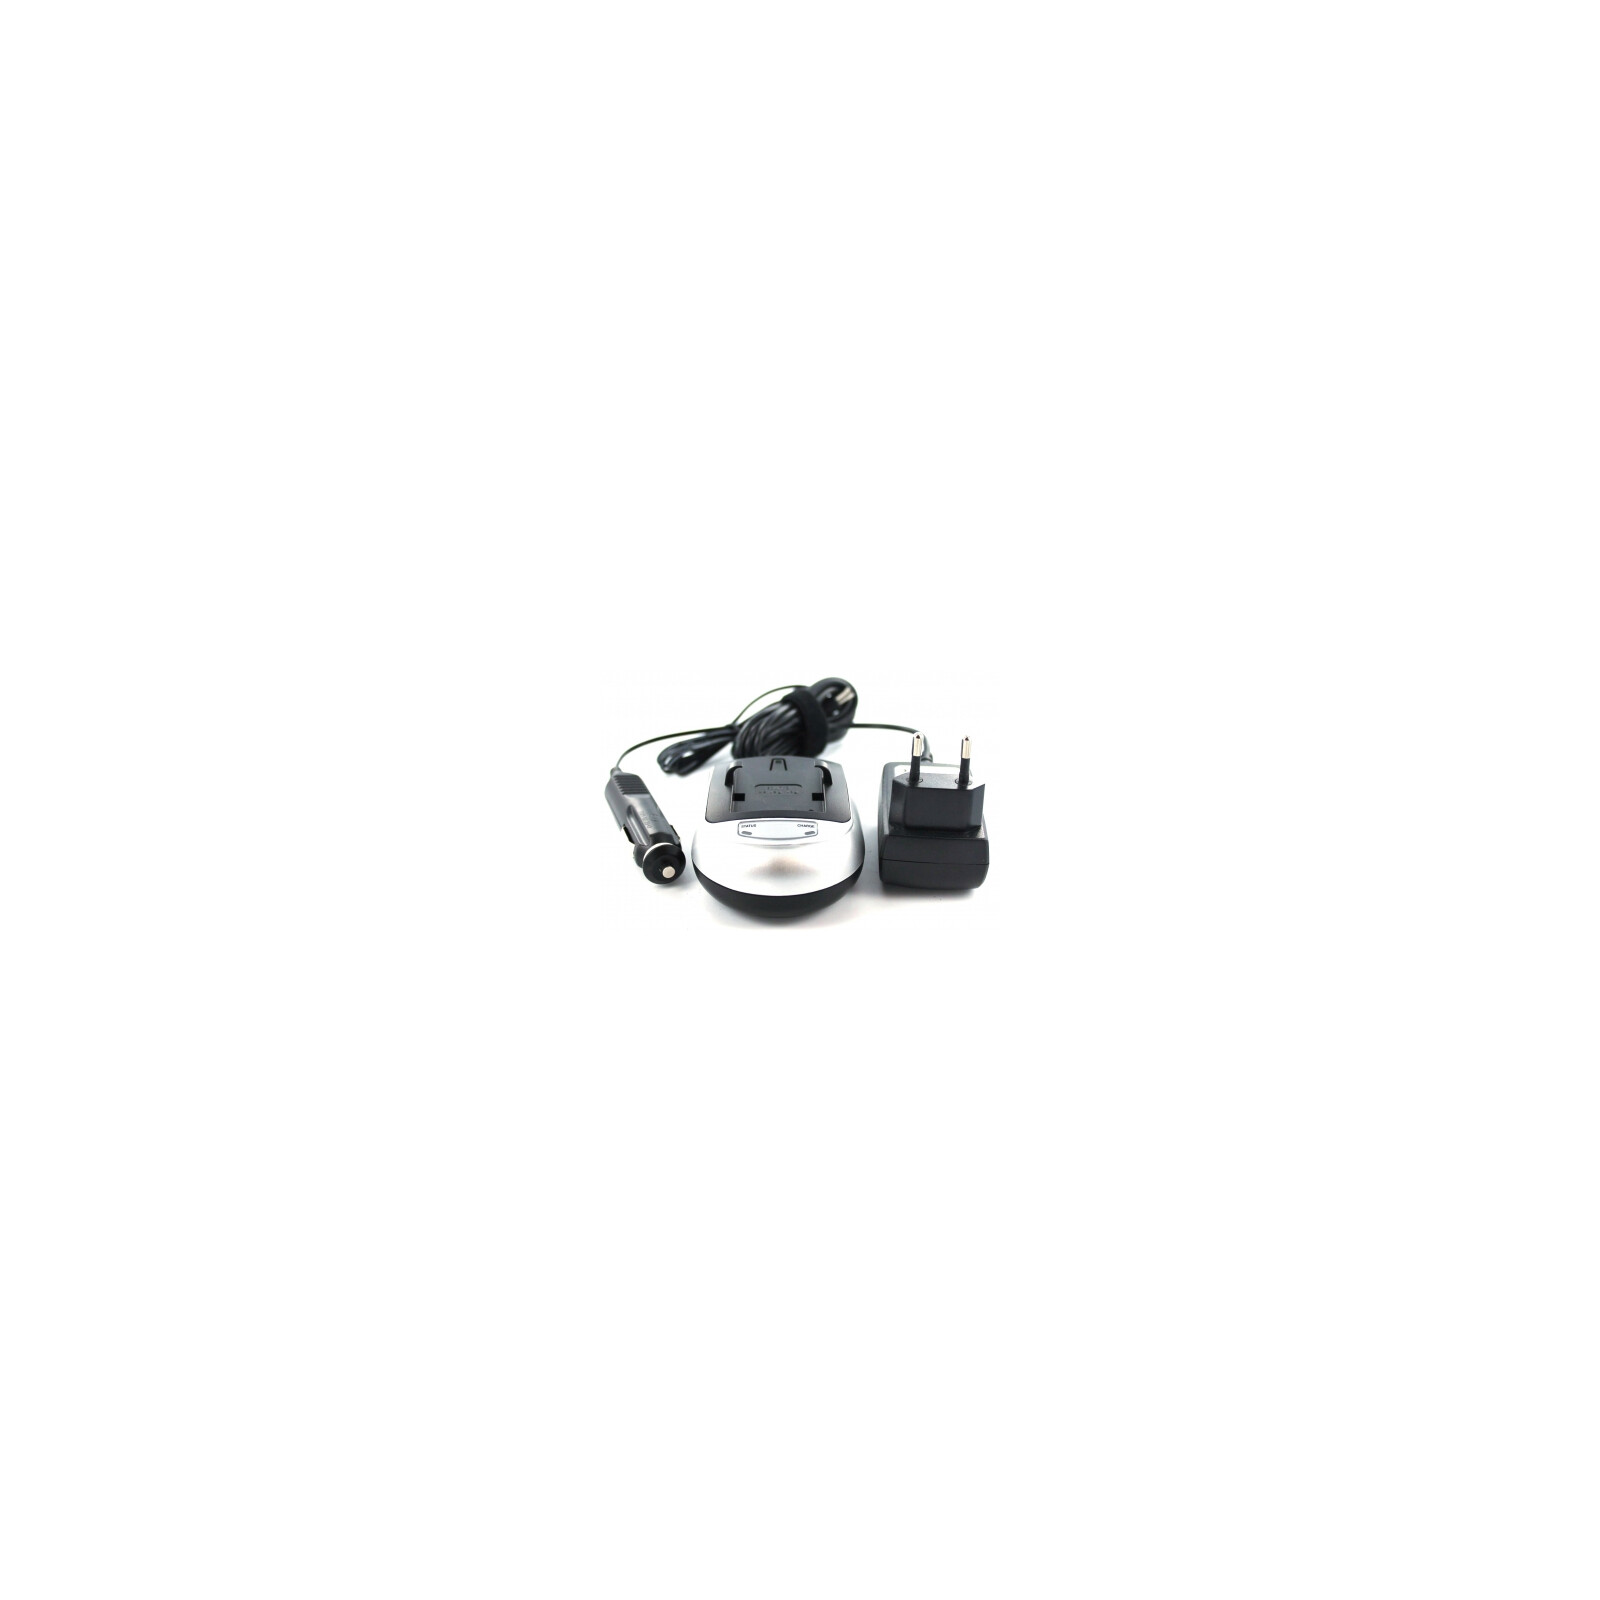 AGI 12799 Ladegerät Pentax K-500